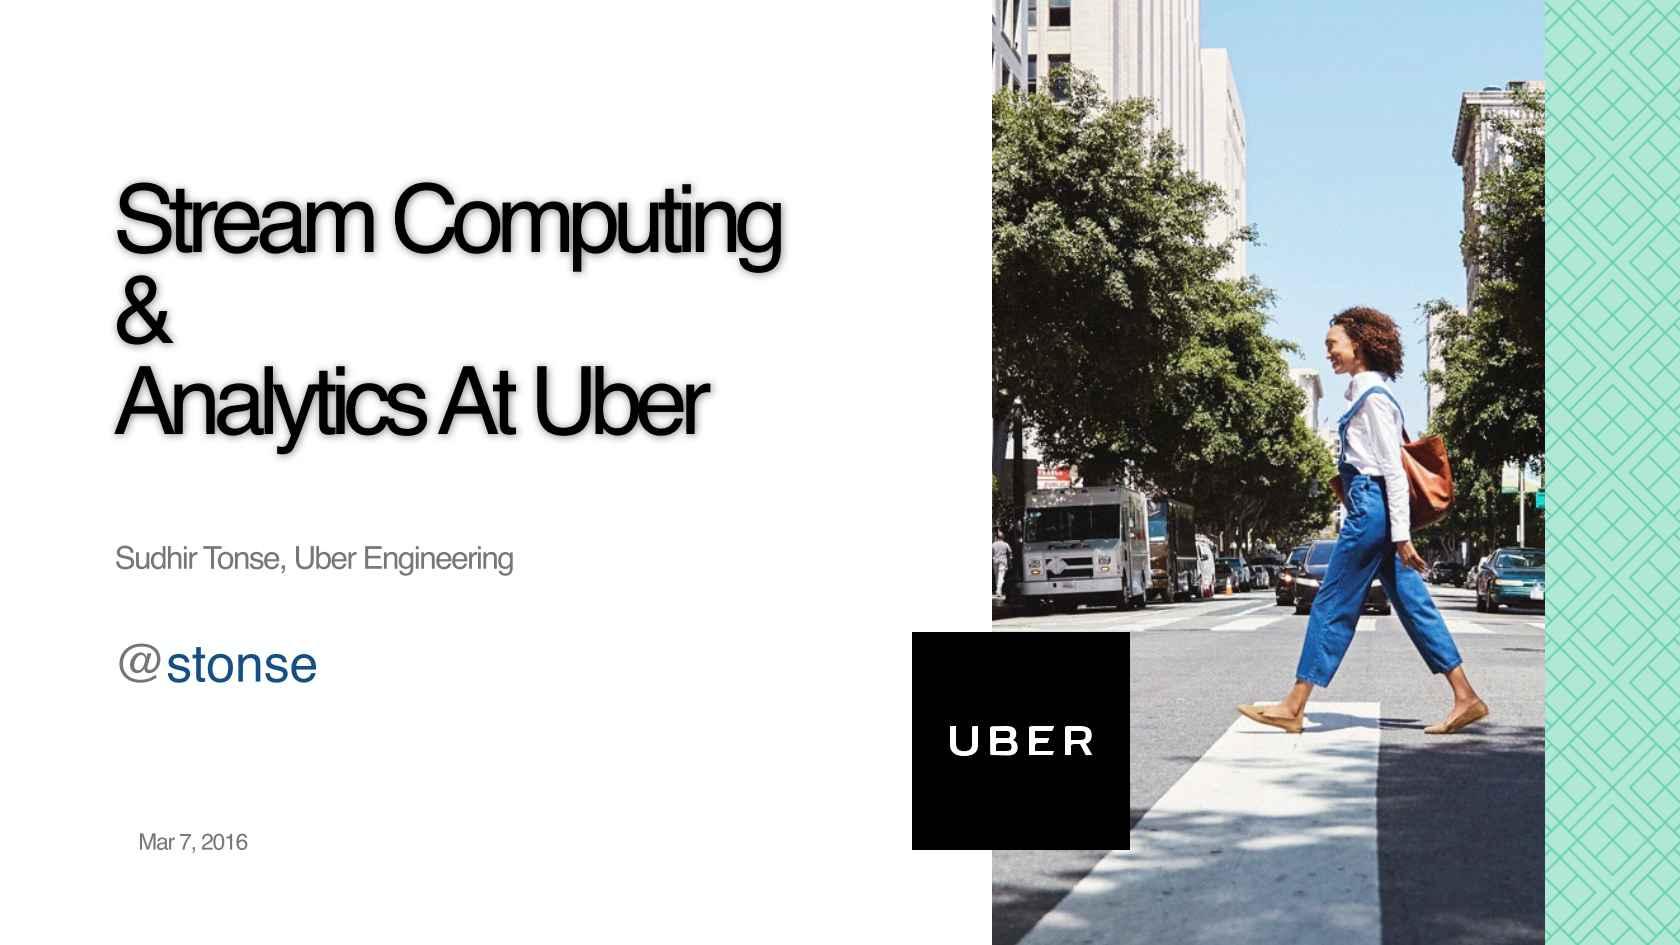 uber analytics